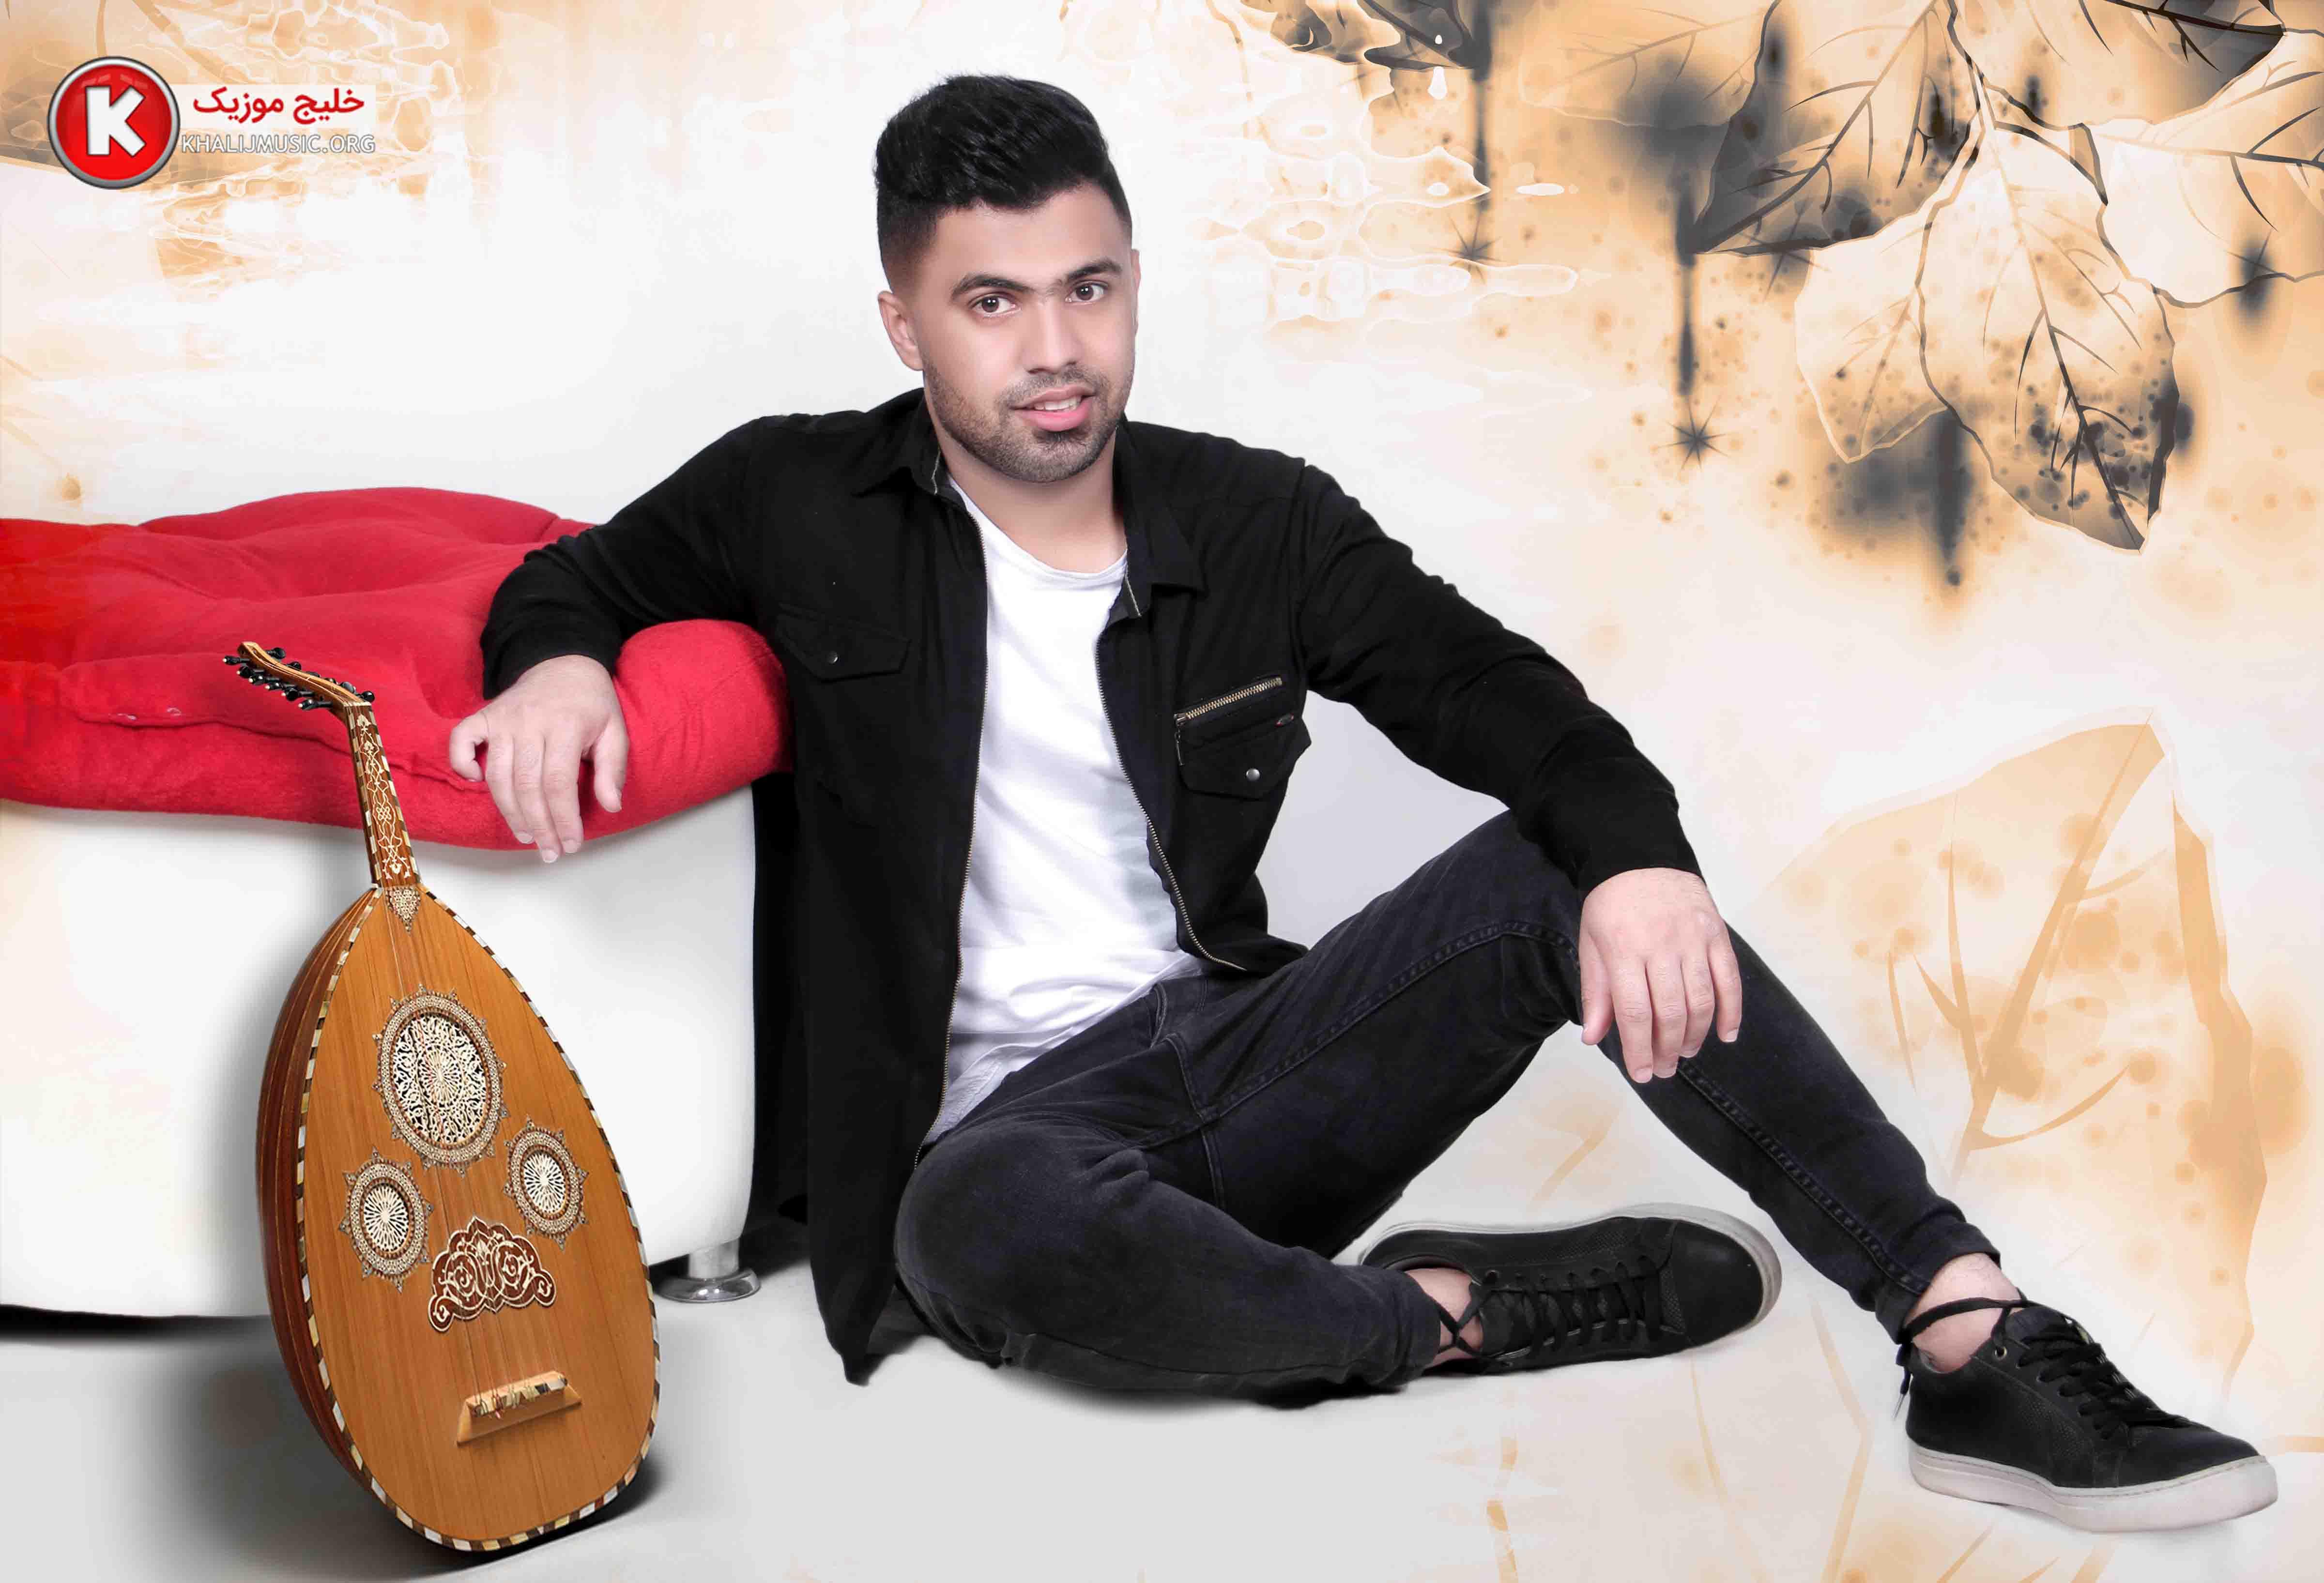 احمد یوسفی زاده دانلود آهنگ جدید اجرای زنده و بسیار زیبا و شنیدنی از بصورت حفله